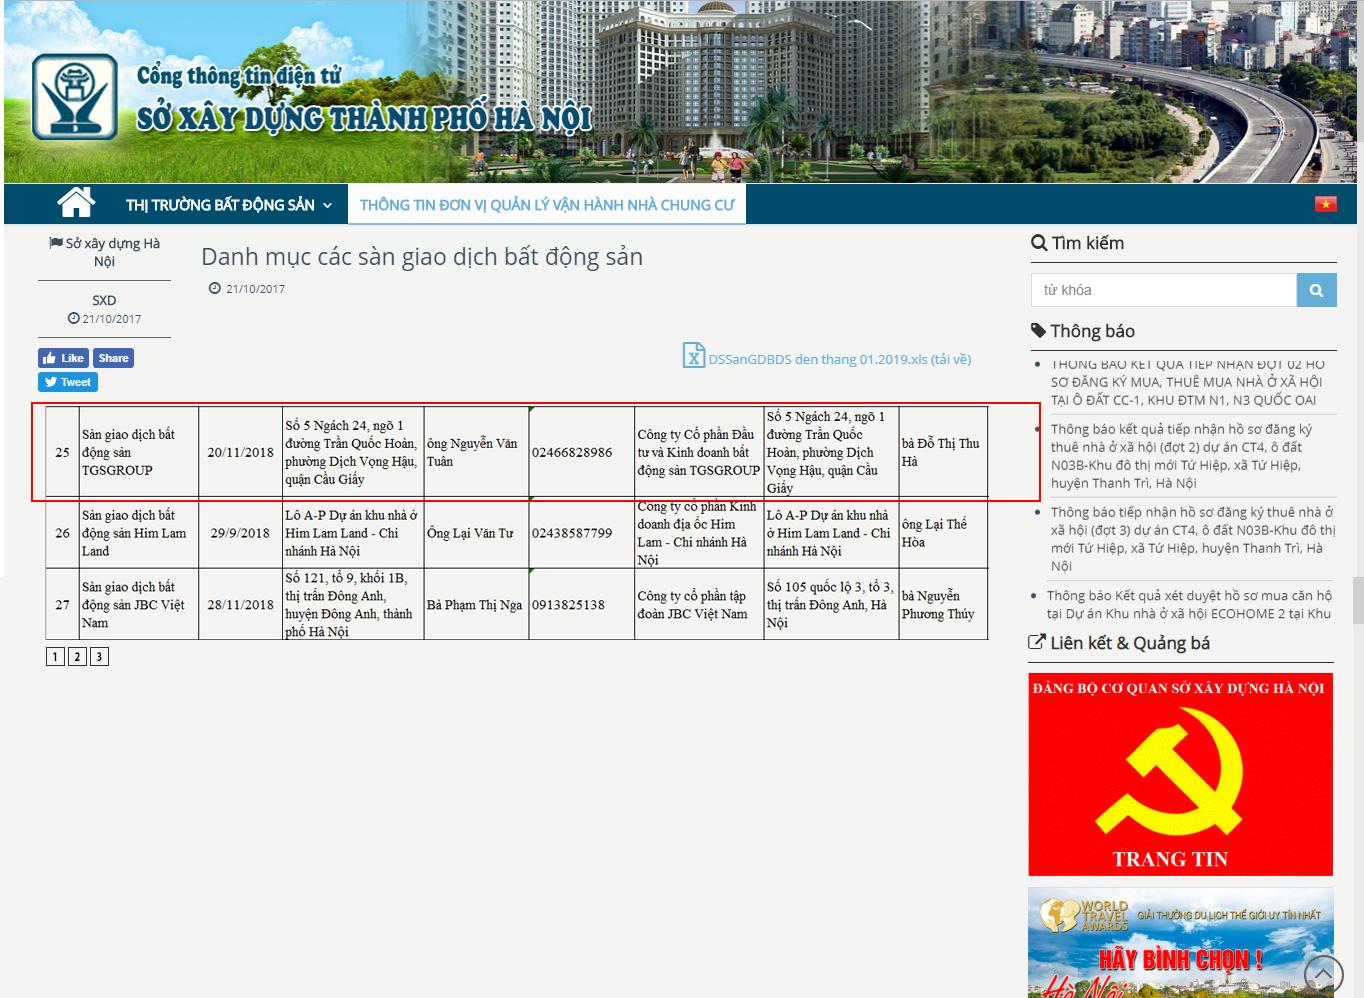 Sàn Giao dịch Bất động sản TGSGROUP trên công thông tin điện tử của sở xây dựng Hà Nội